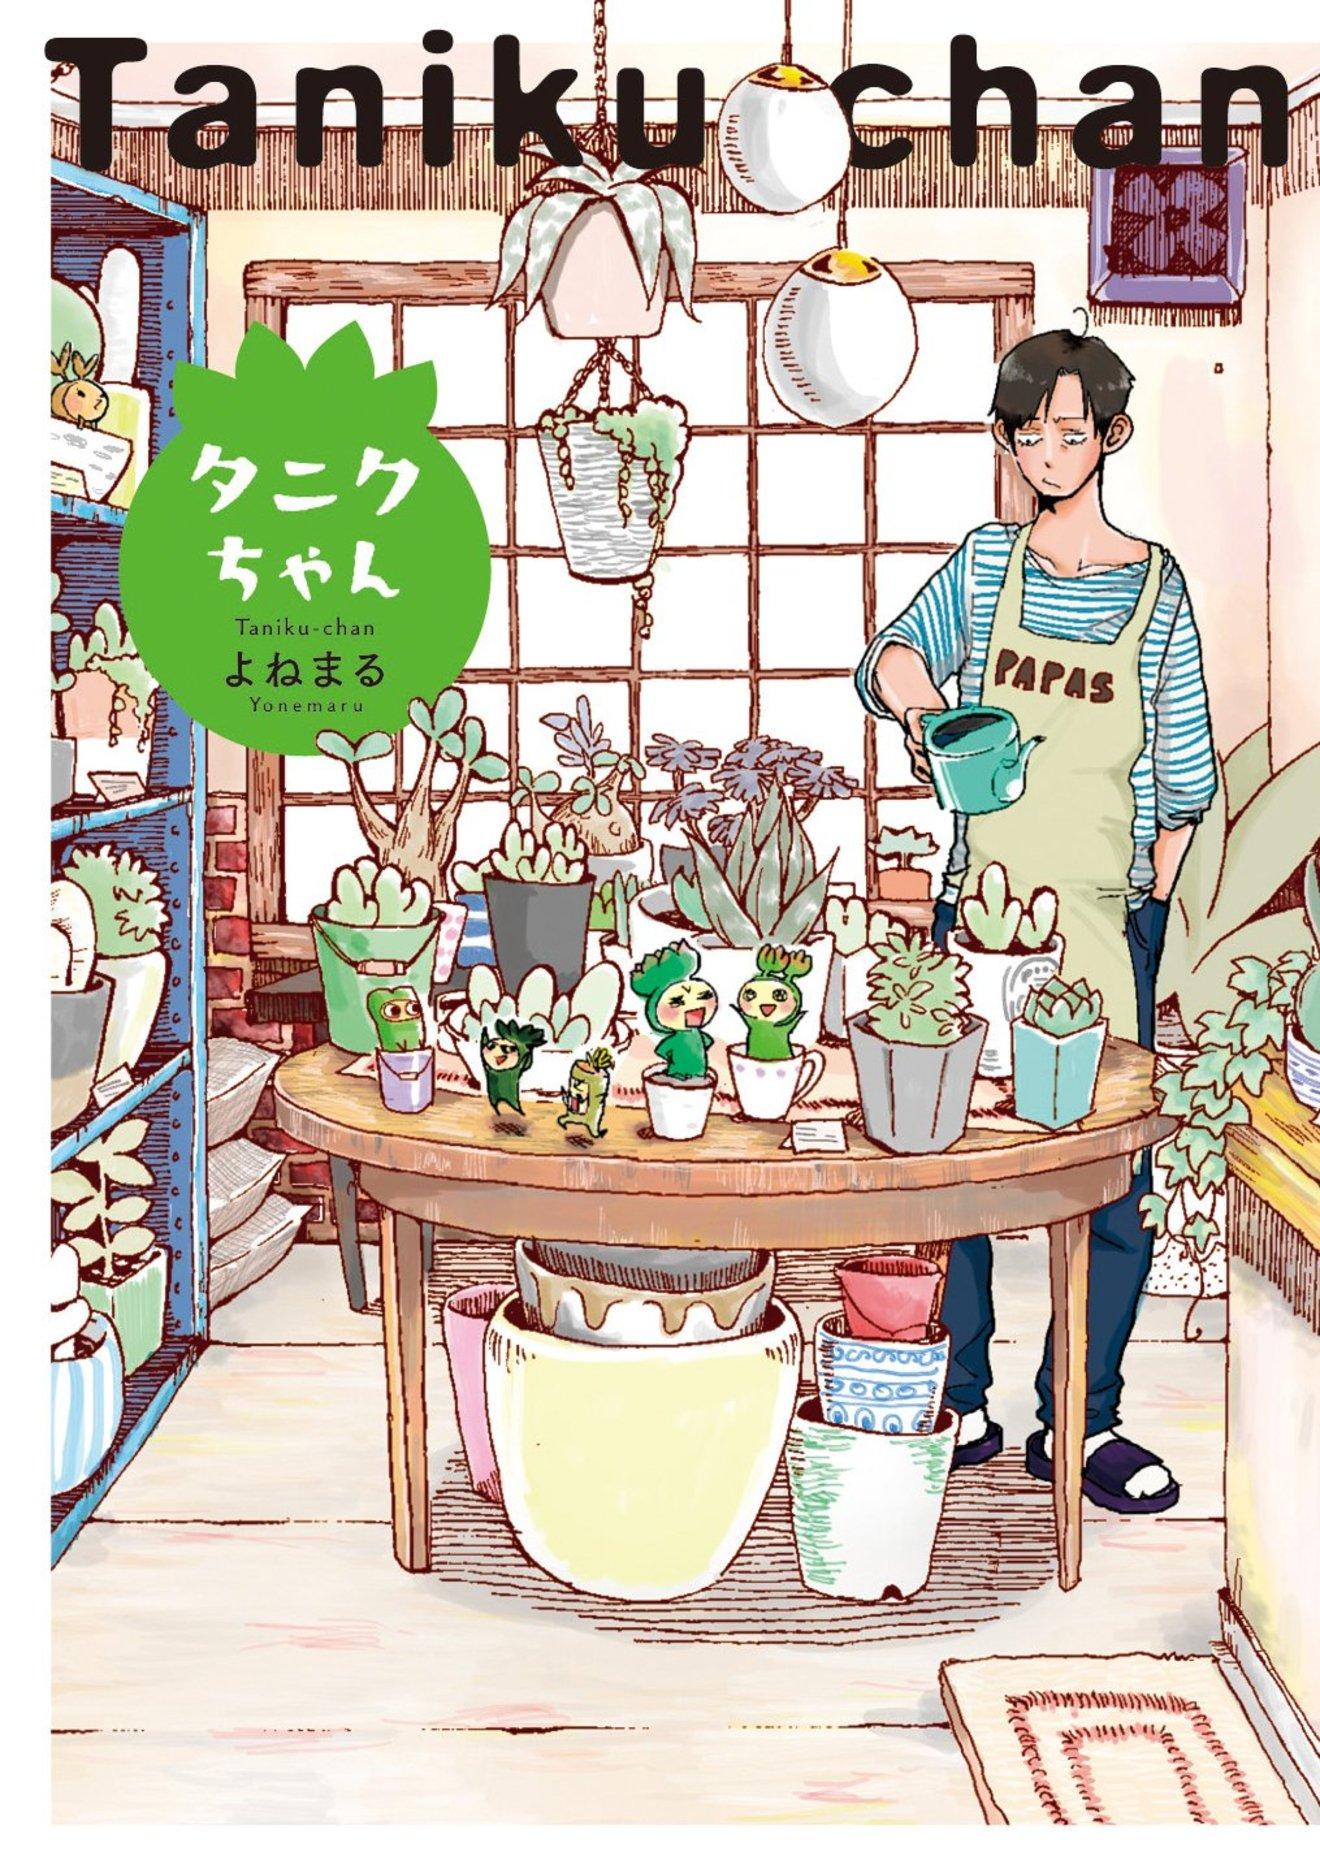 無料で読める漫画『タニクちゃん』の3つの魅力をネタバレ紹介!